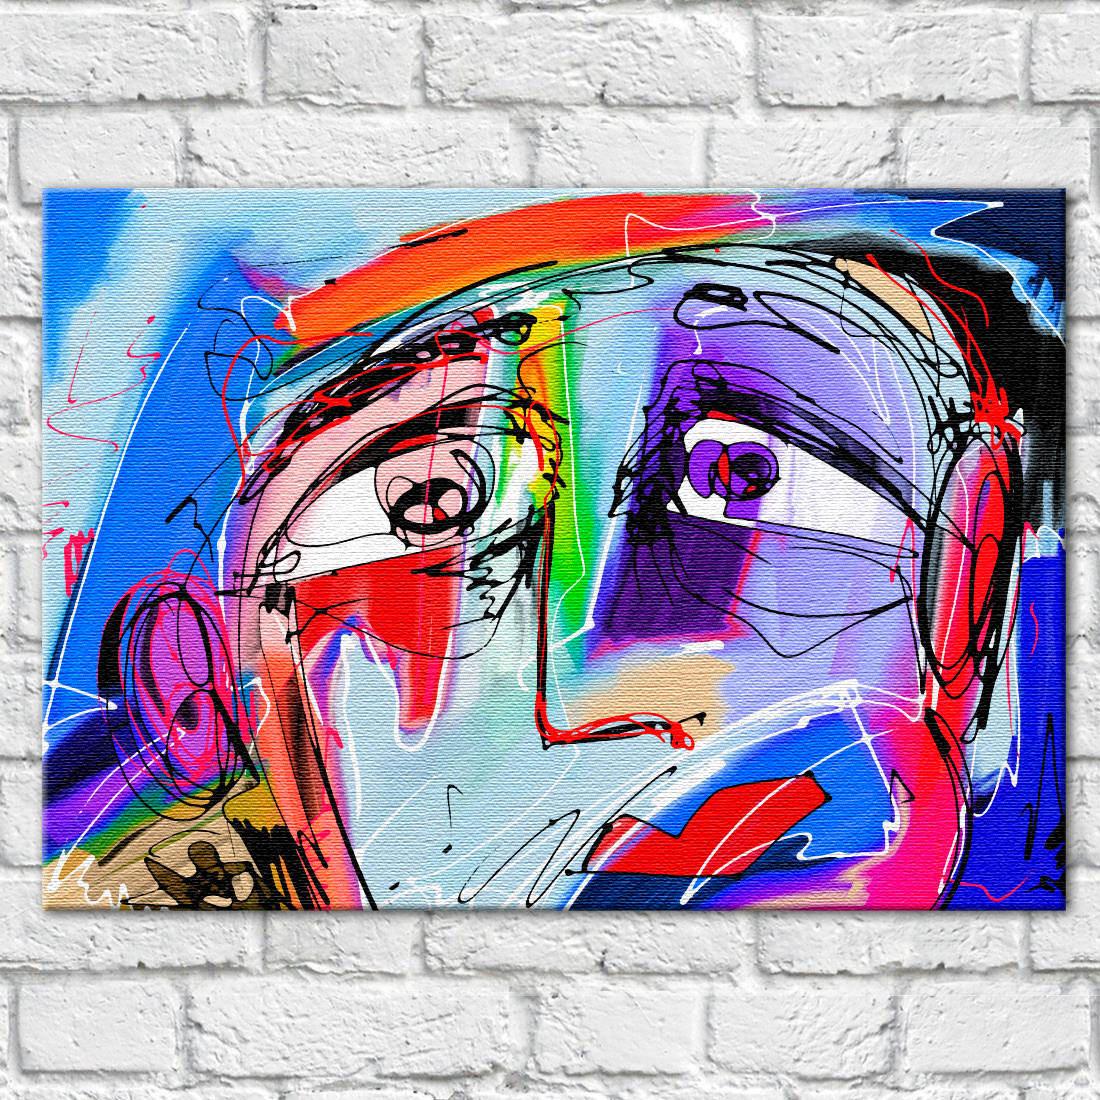 Quadro Decorativo Face em canvas